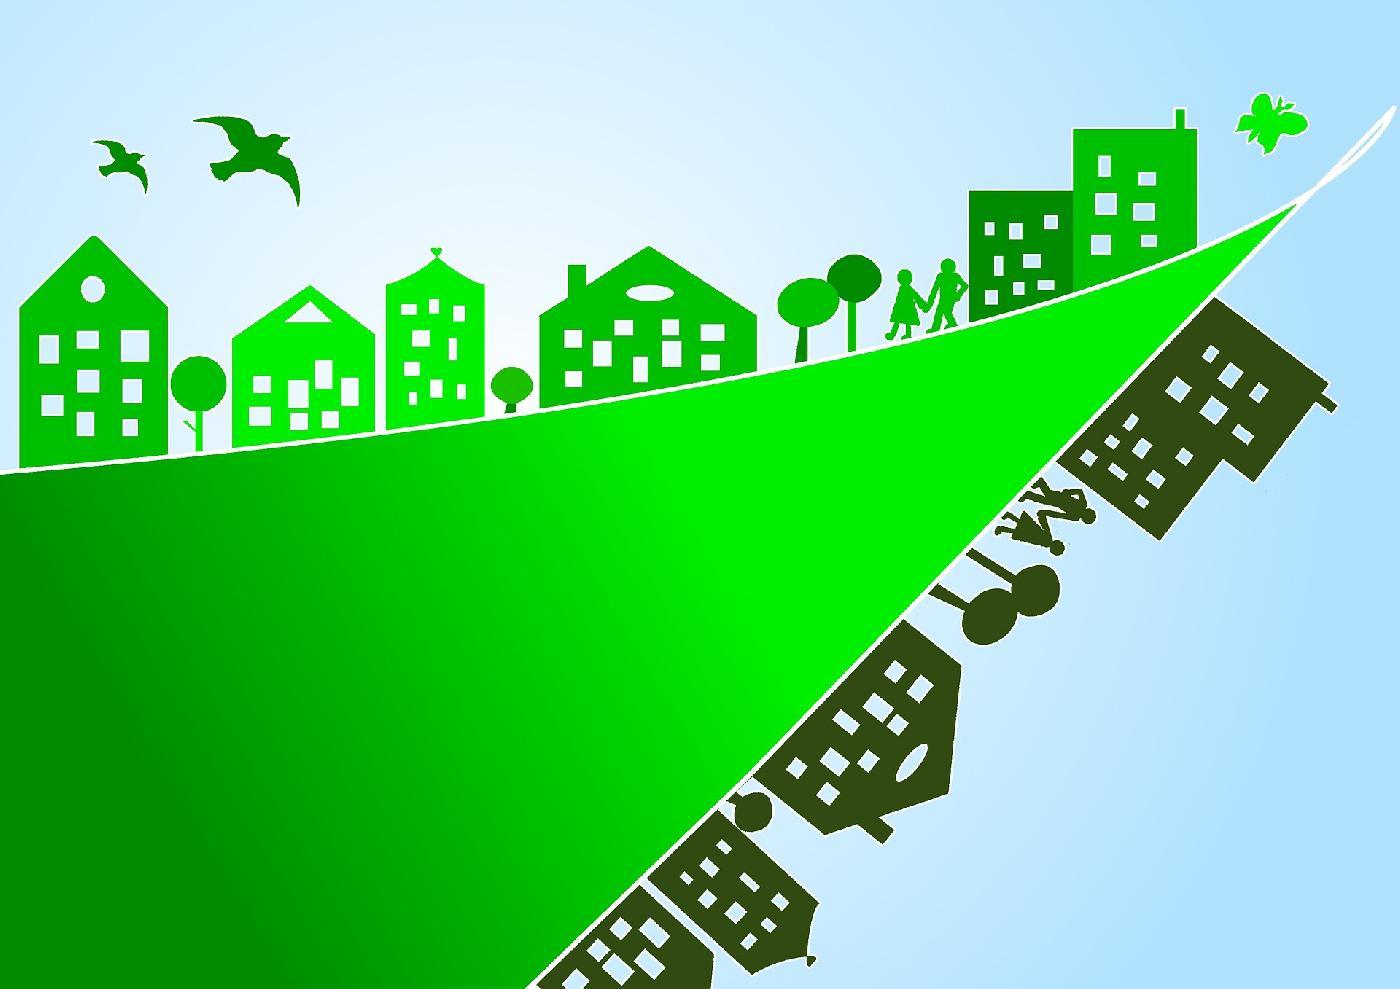 Smjernice za integrisanje smanjenja klimatskih, okolišnih i rizika od katastrofa (CEDRIG)